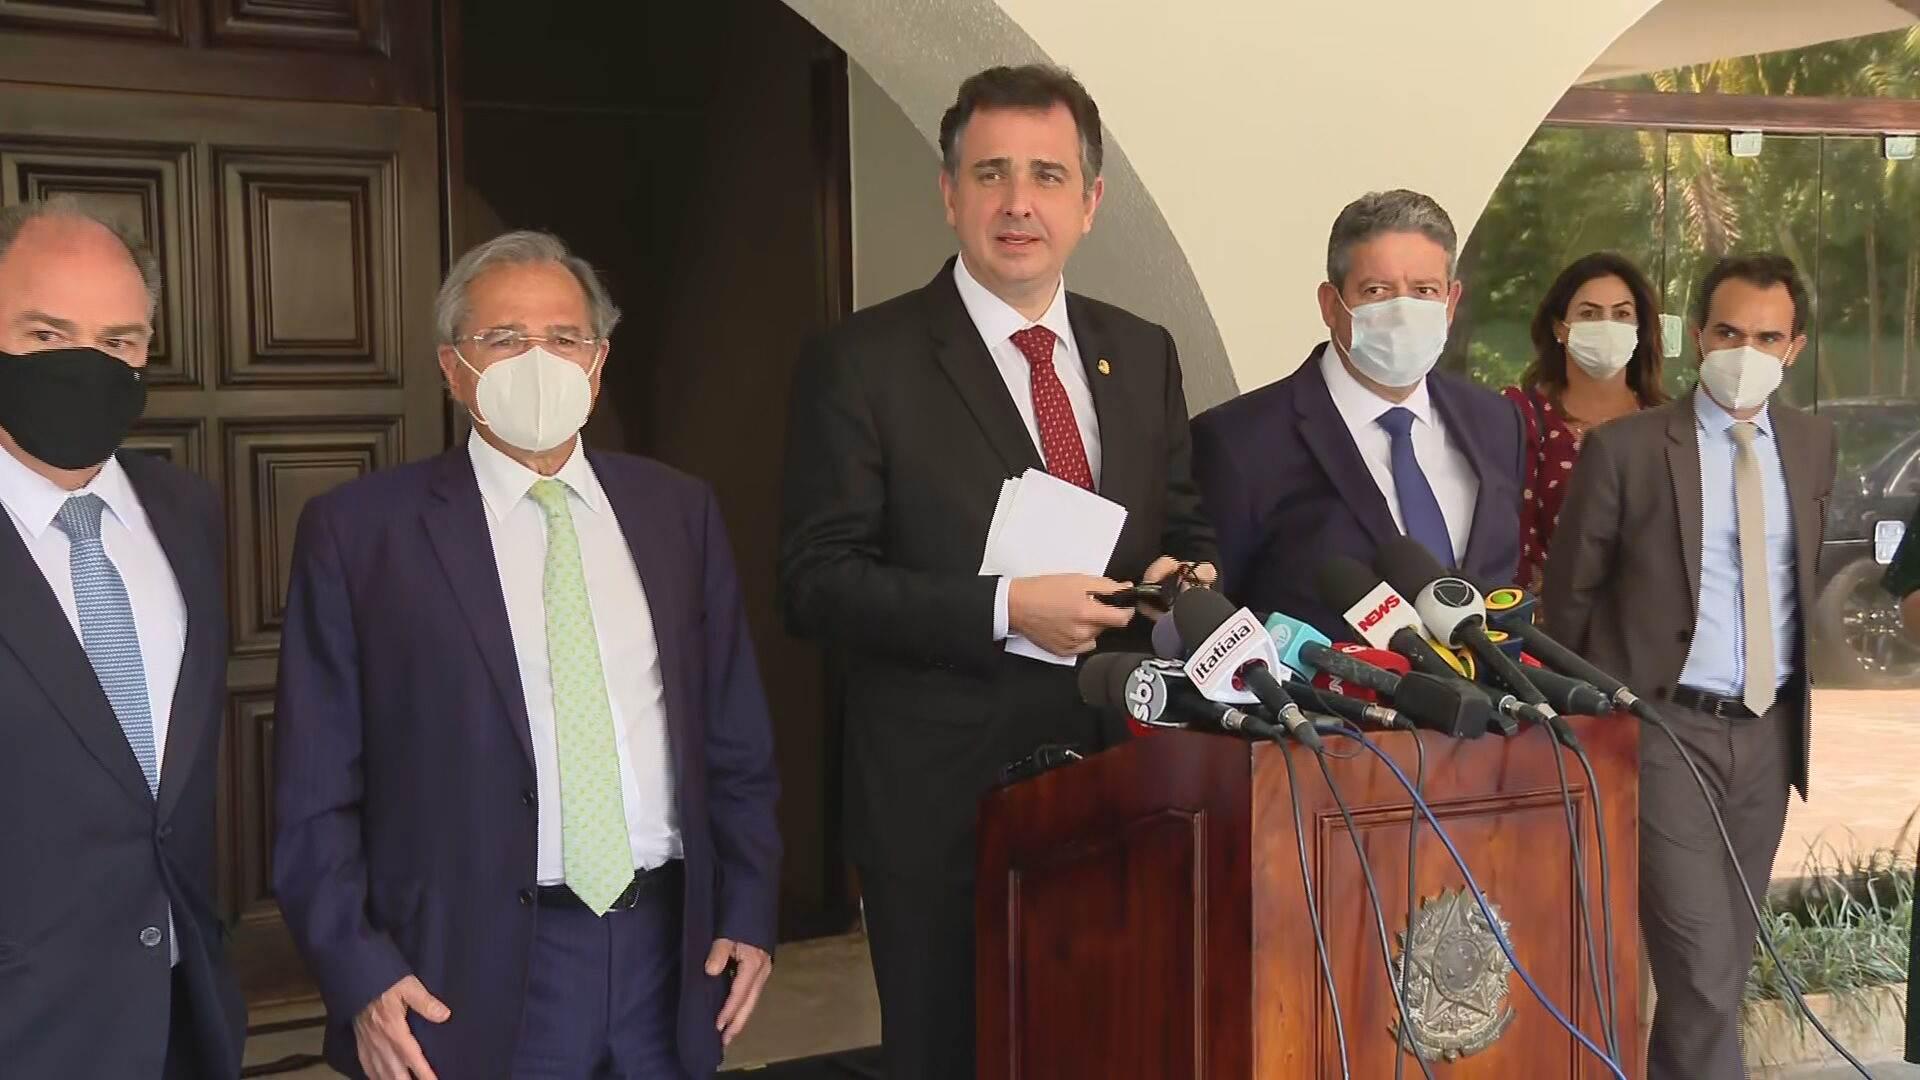 Presidentes da Câmara, Arthur Lira (PP-AL), e do Senado, Rodrigo Pacheco (DEM-MG), e o ministro da Economia, Paulo Guedes, falam à imprensa